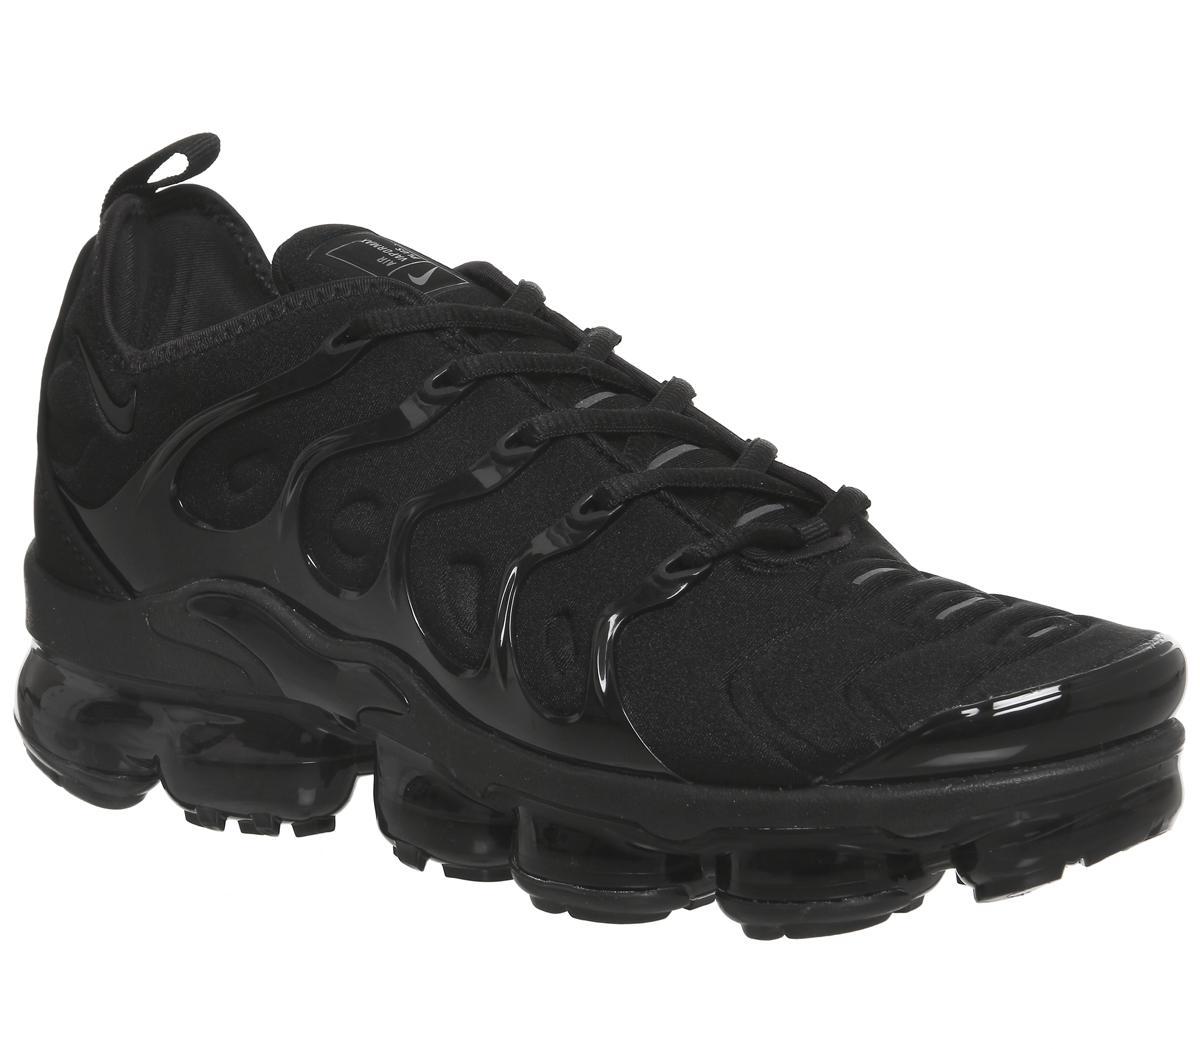 Aplicando oxígeno acoplador  Nike Air Vapormax Plus Black Black Dark Grey - Hers trainers